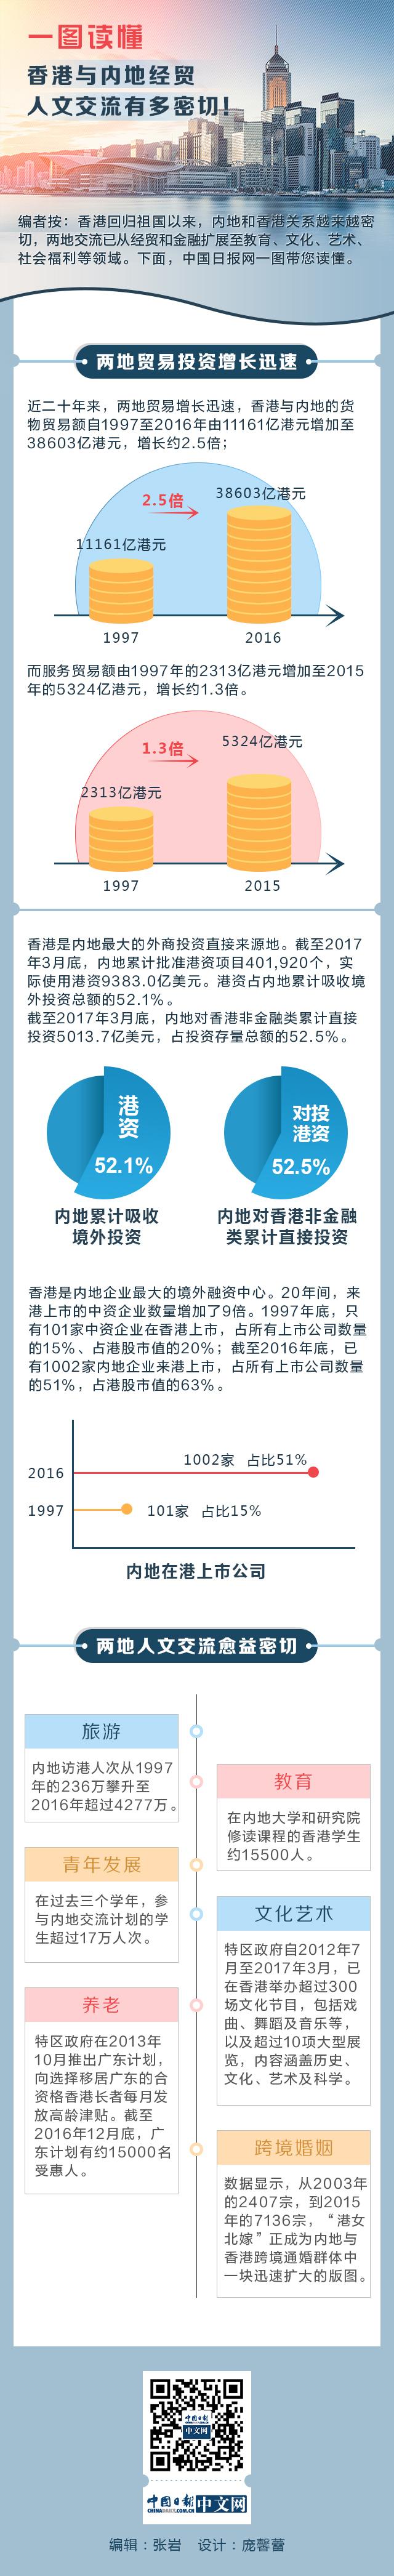 一图读懂:香港与内地经贸人文交流有多密切!